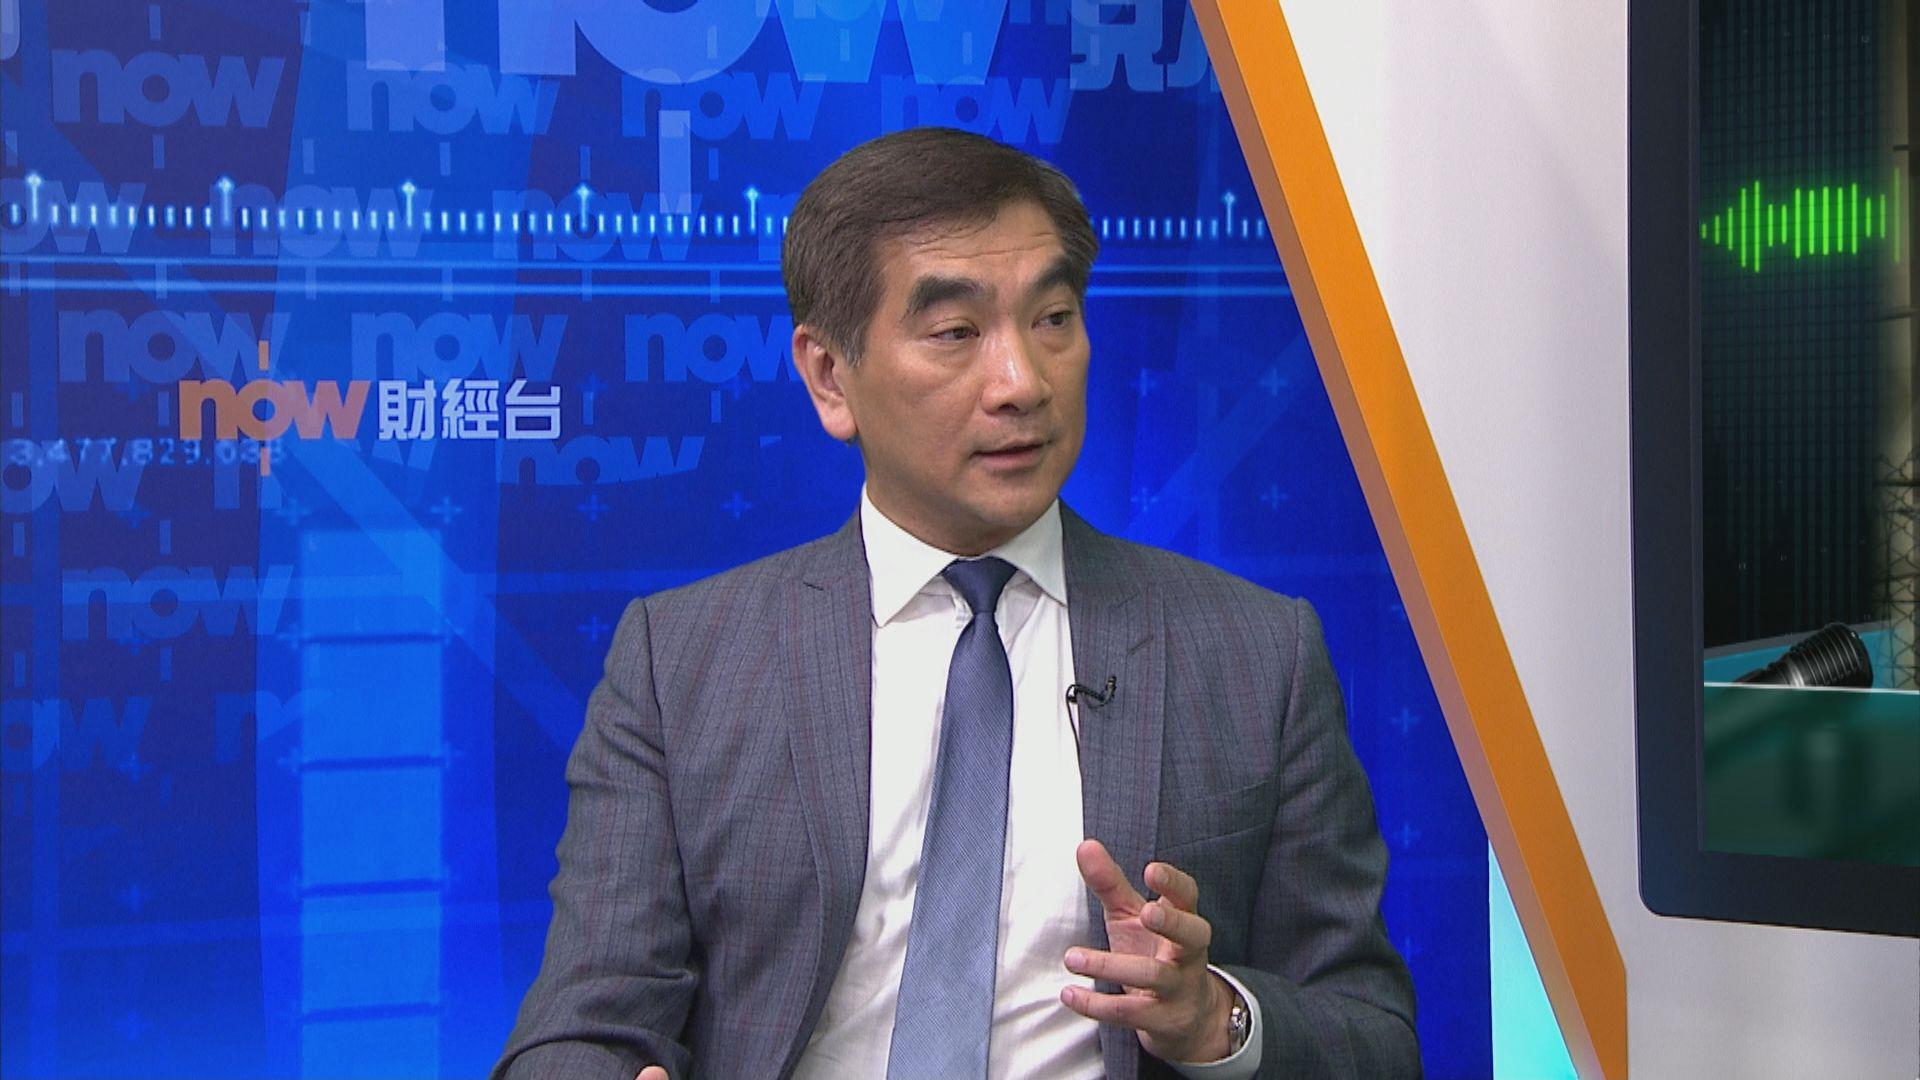 鍾國斌:反修例遊行難令自由黨重演23條倒戈